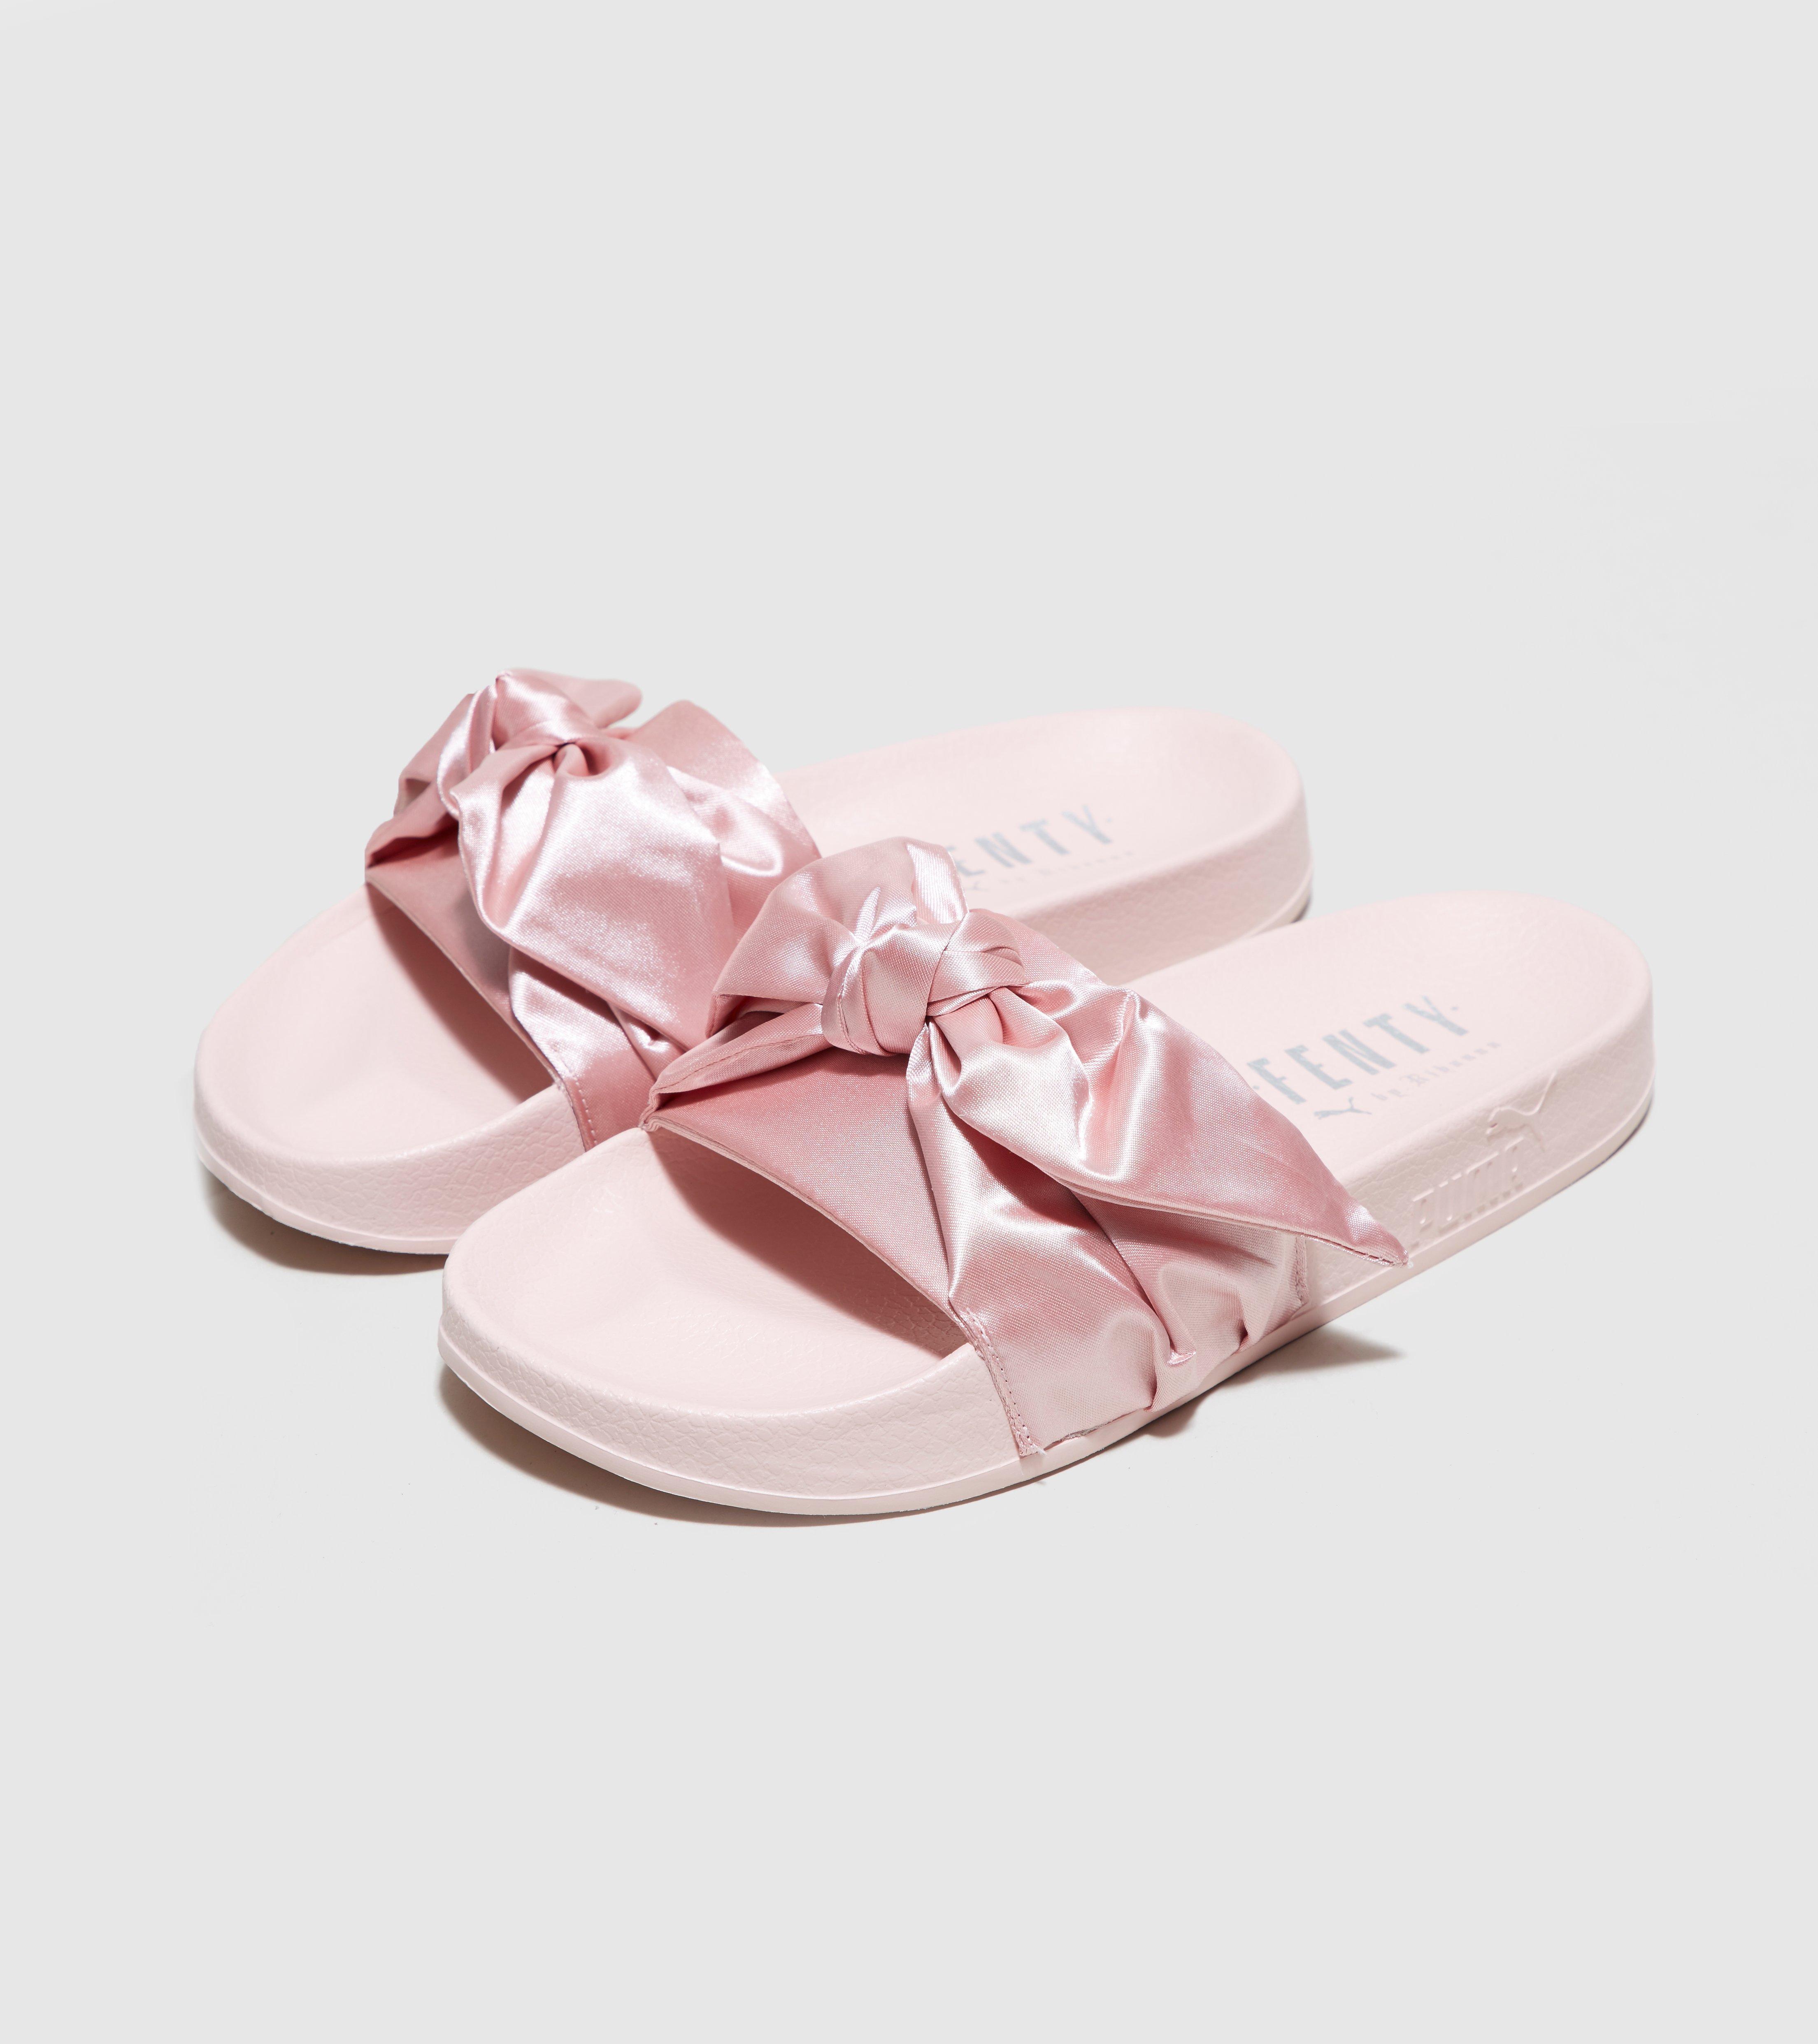 san francisco 30cb9 dea47 Pink Fenty Bow Slide Women's